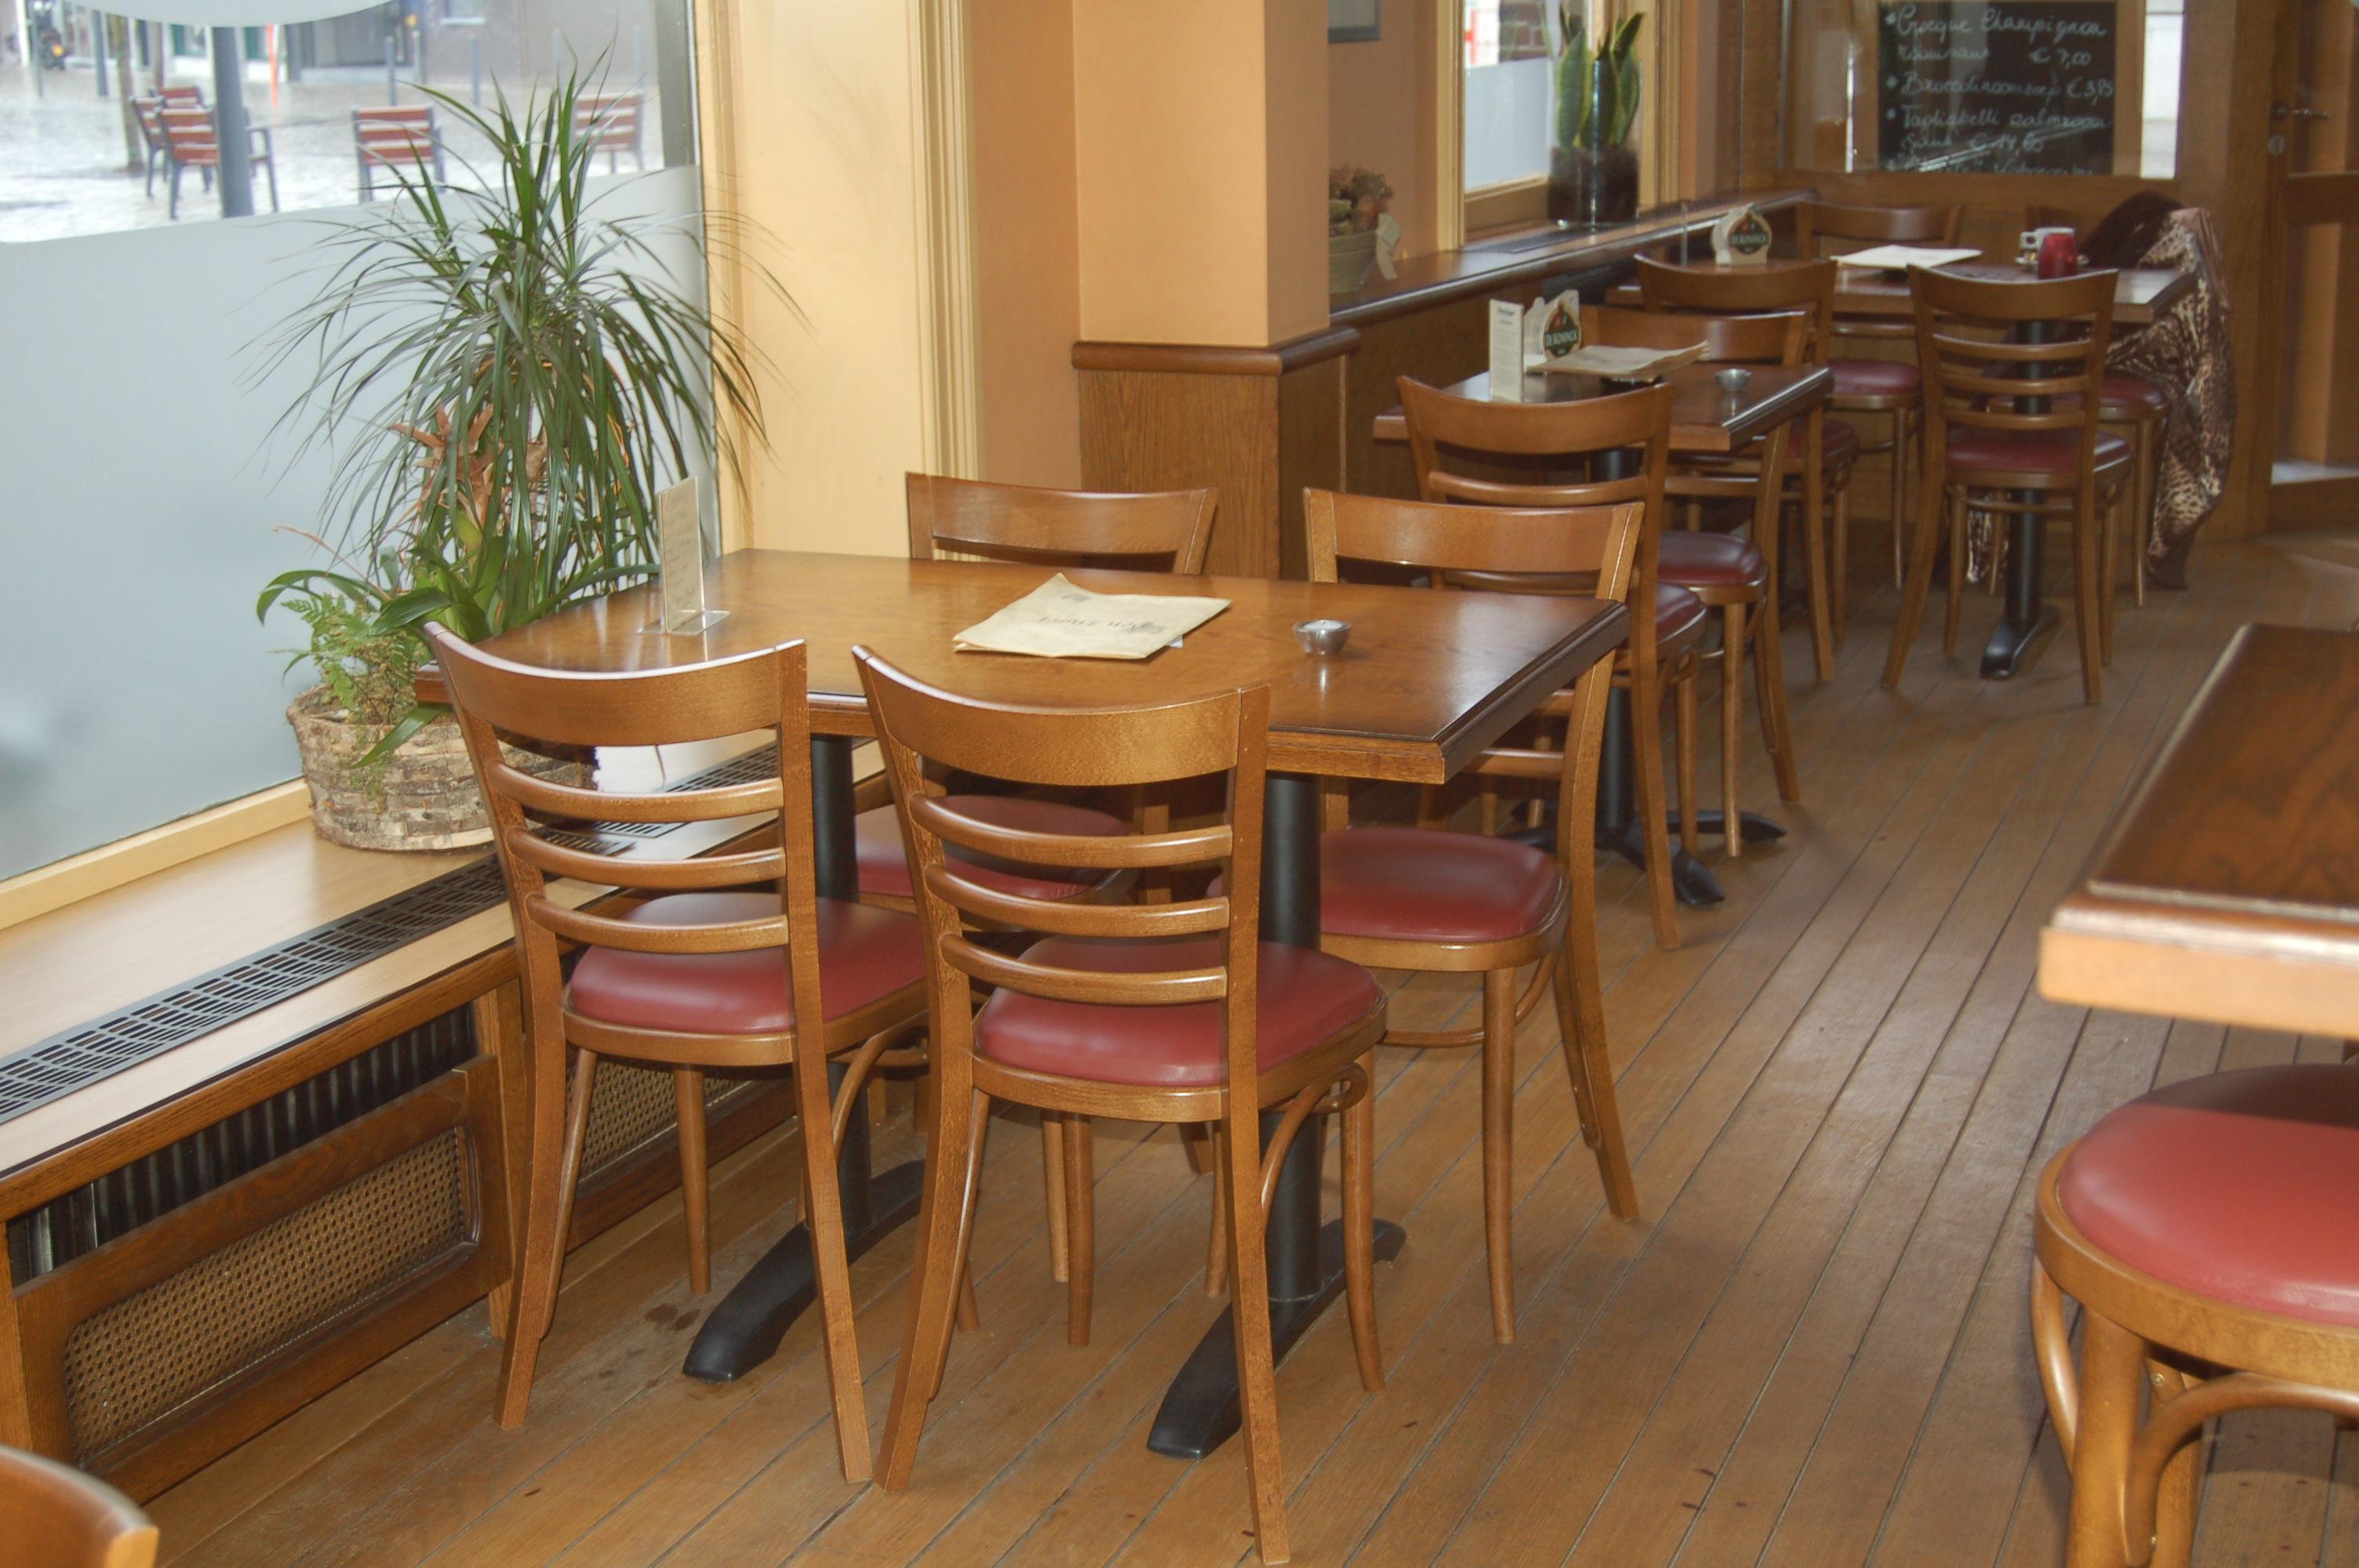 Horecazaak Cafe Den Engel